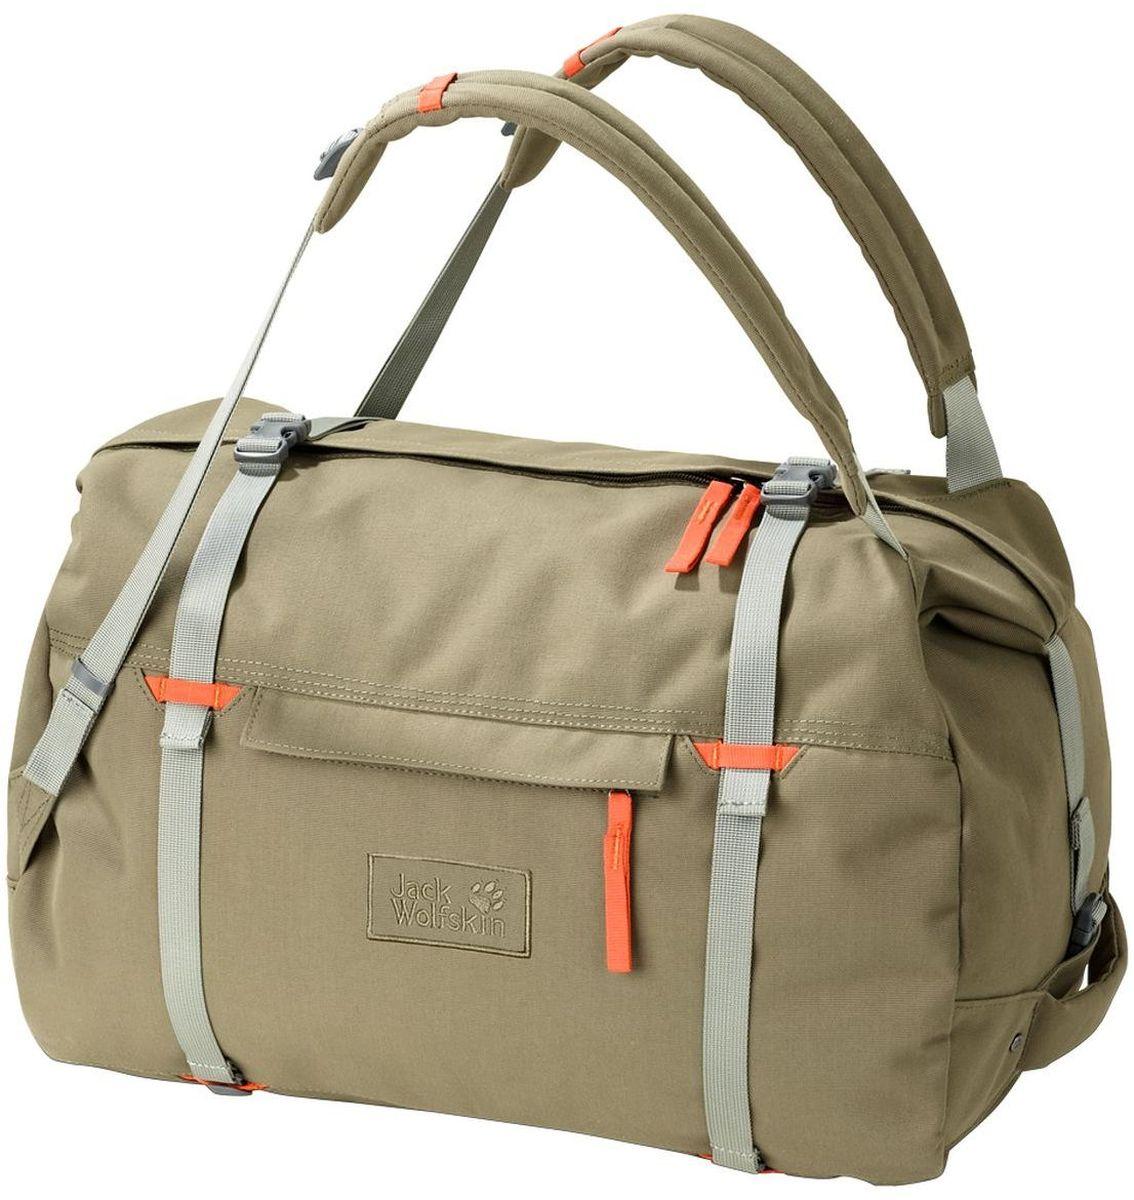 Сумка-рюкзак Jack Wolfskin Roamer 80 Duffle, цвет: бежевый. 2005451-50332005451-5033Сумка-рюкзак Jack Wolfskin Roamer 80 Duffle выполнена из полиэстер. Модель с одним отделением. Передняя стенка оформлена карманом на молнии. Очень большая и прочная сумка для путешествий с возможностью ношения как рюкзак